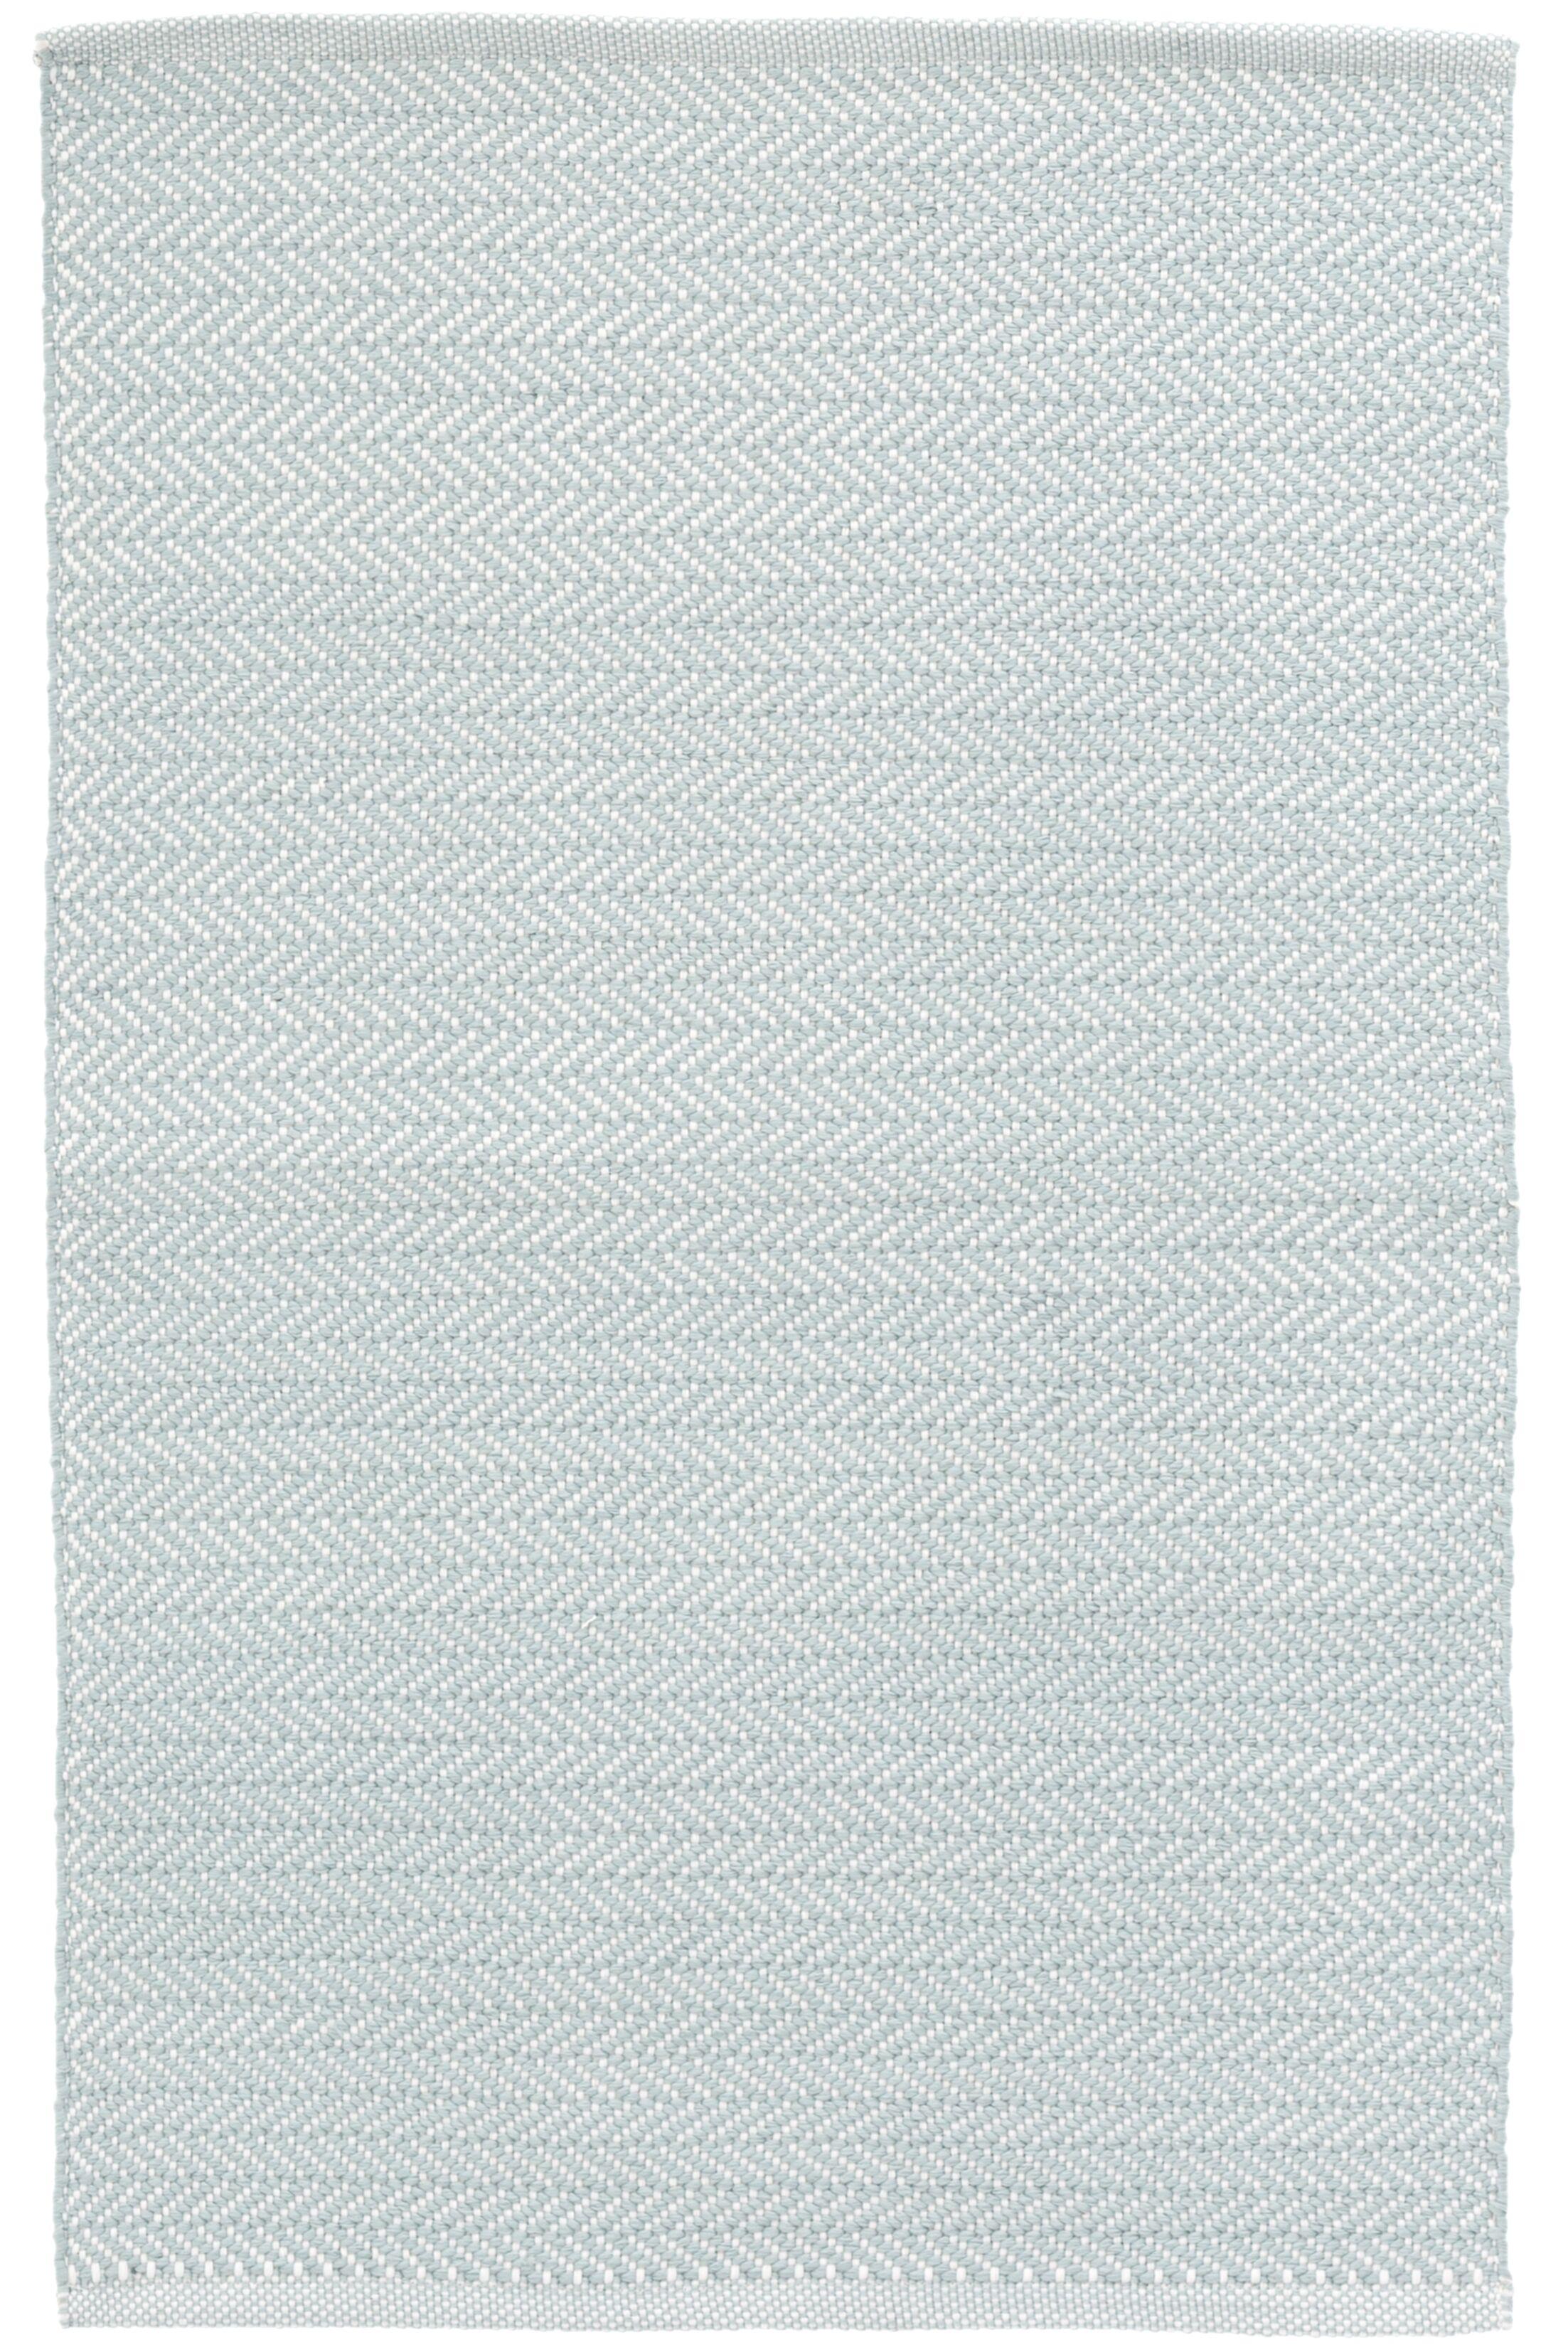 Herringbone Blue/White Indoor/Outdoor Area Rug Rug Size: Runner 2'6